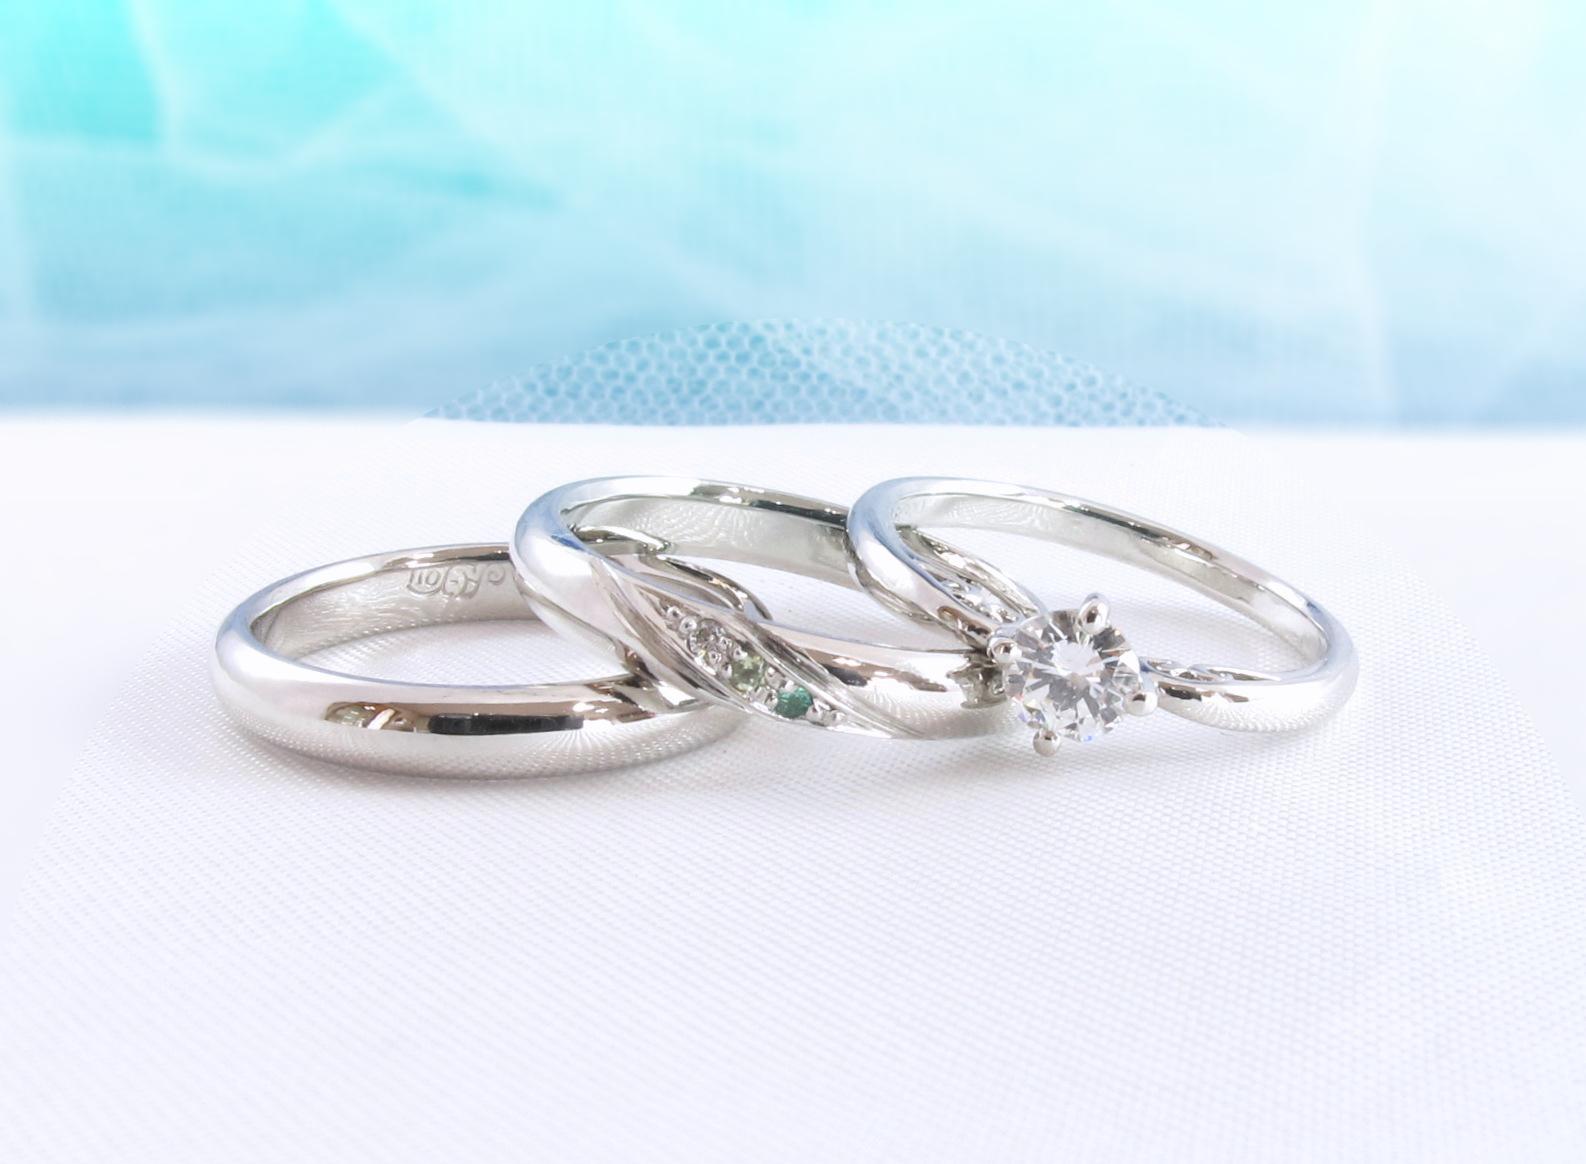 本当に素敵な素敵な指輪をありがとうございました。